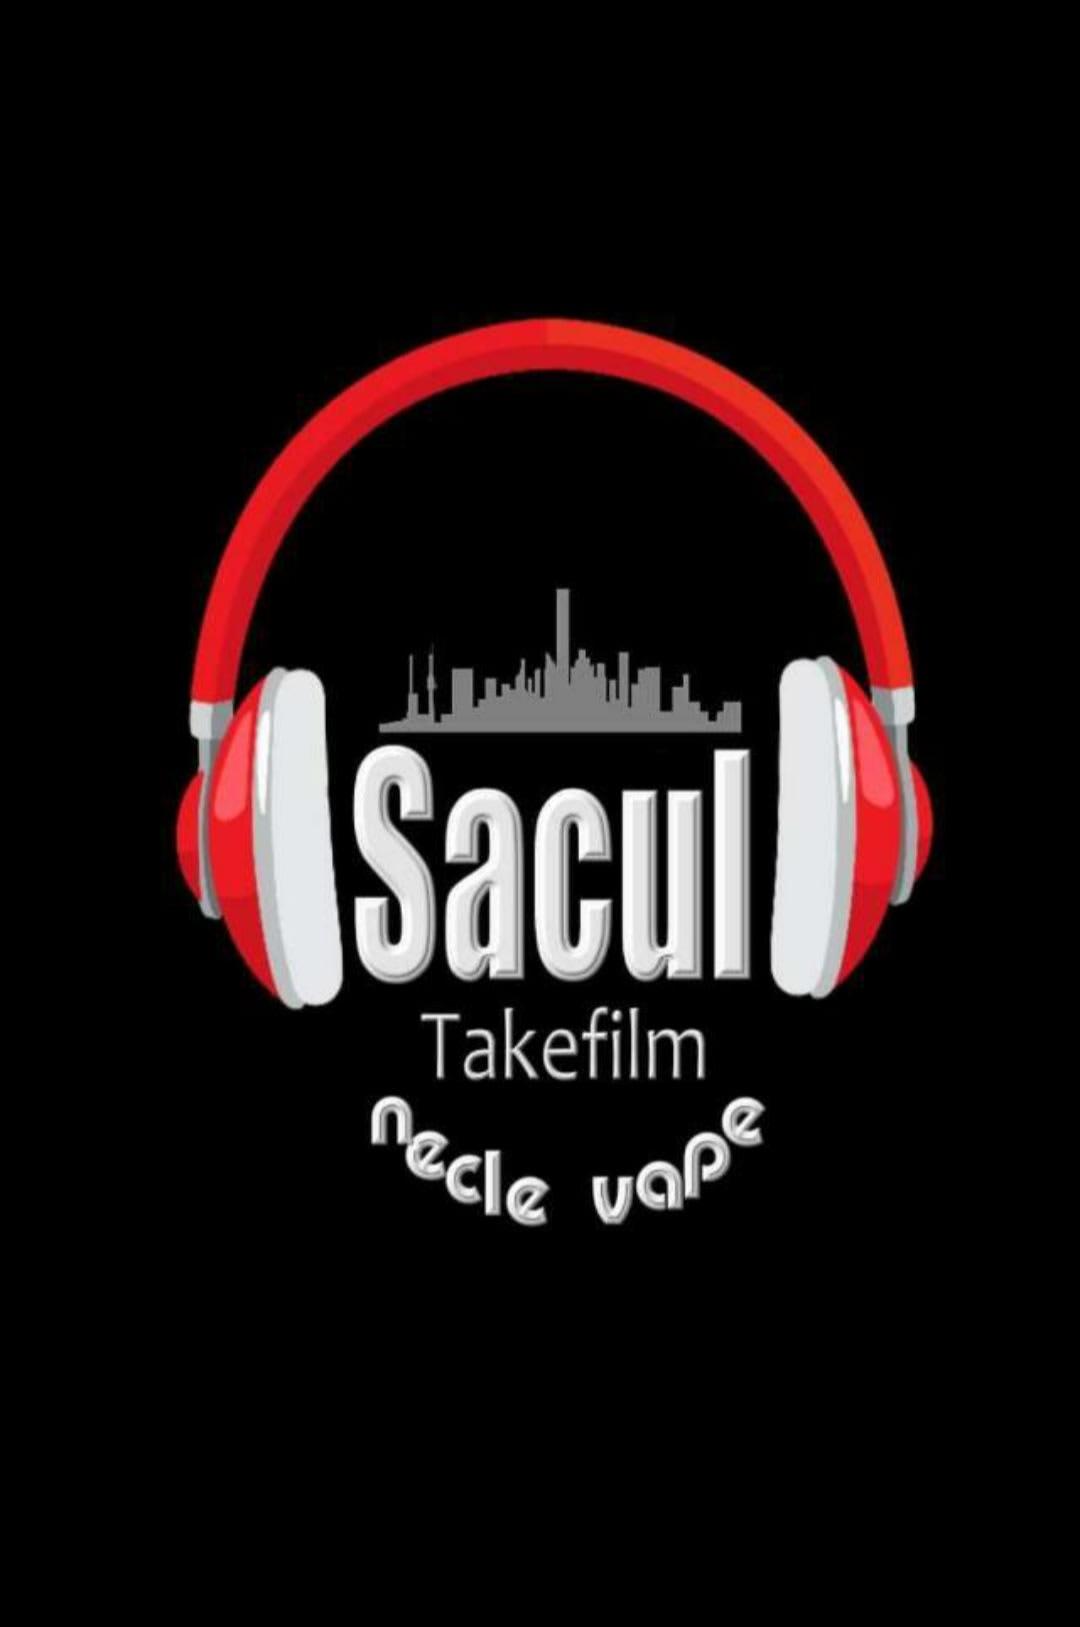 Sacul90Oficial